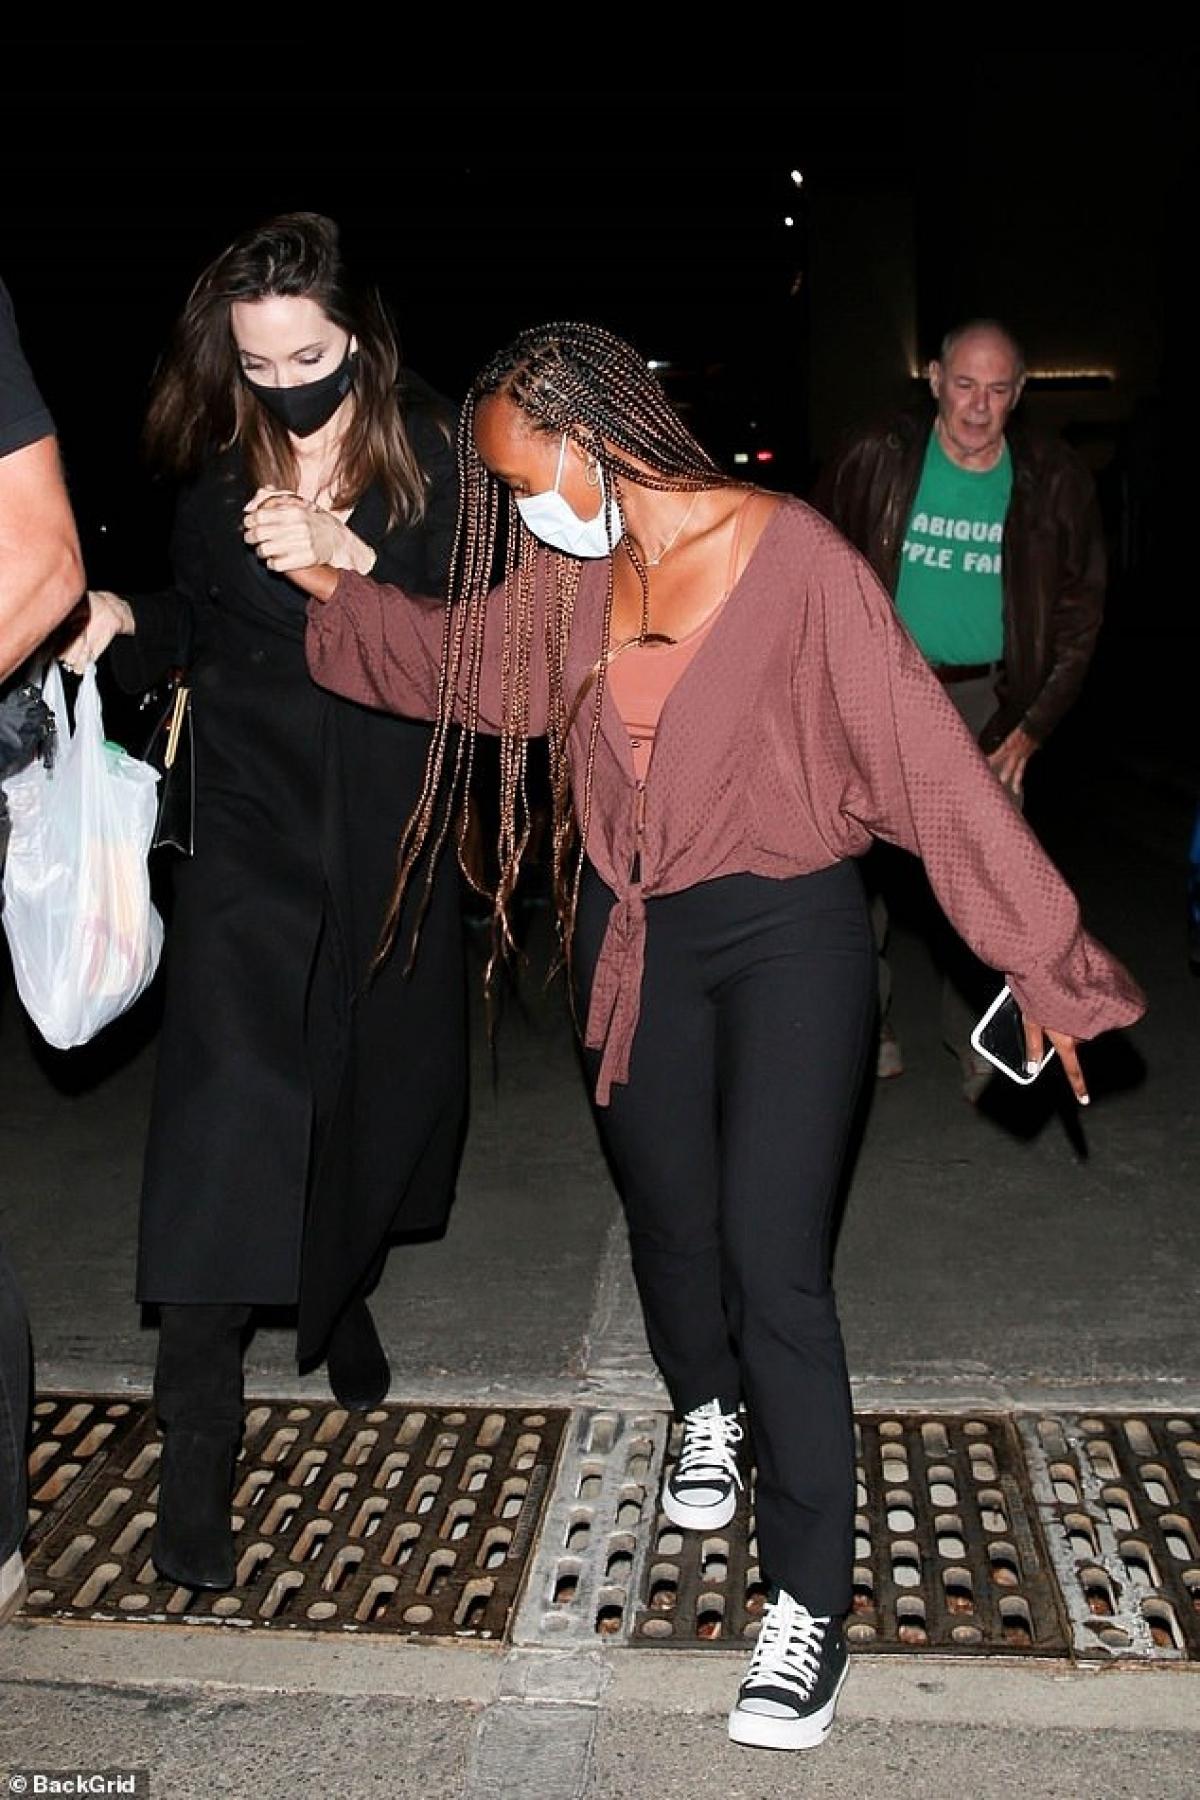 Angelina Jolie cùng con gái Zahara đi chơi lúc tối muộn ở Hollywood hôm 2/8.